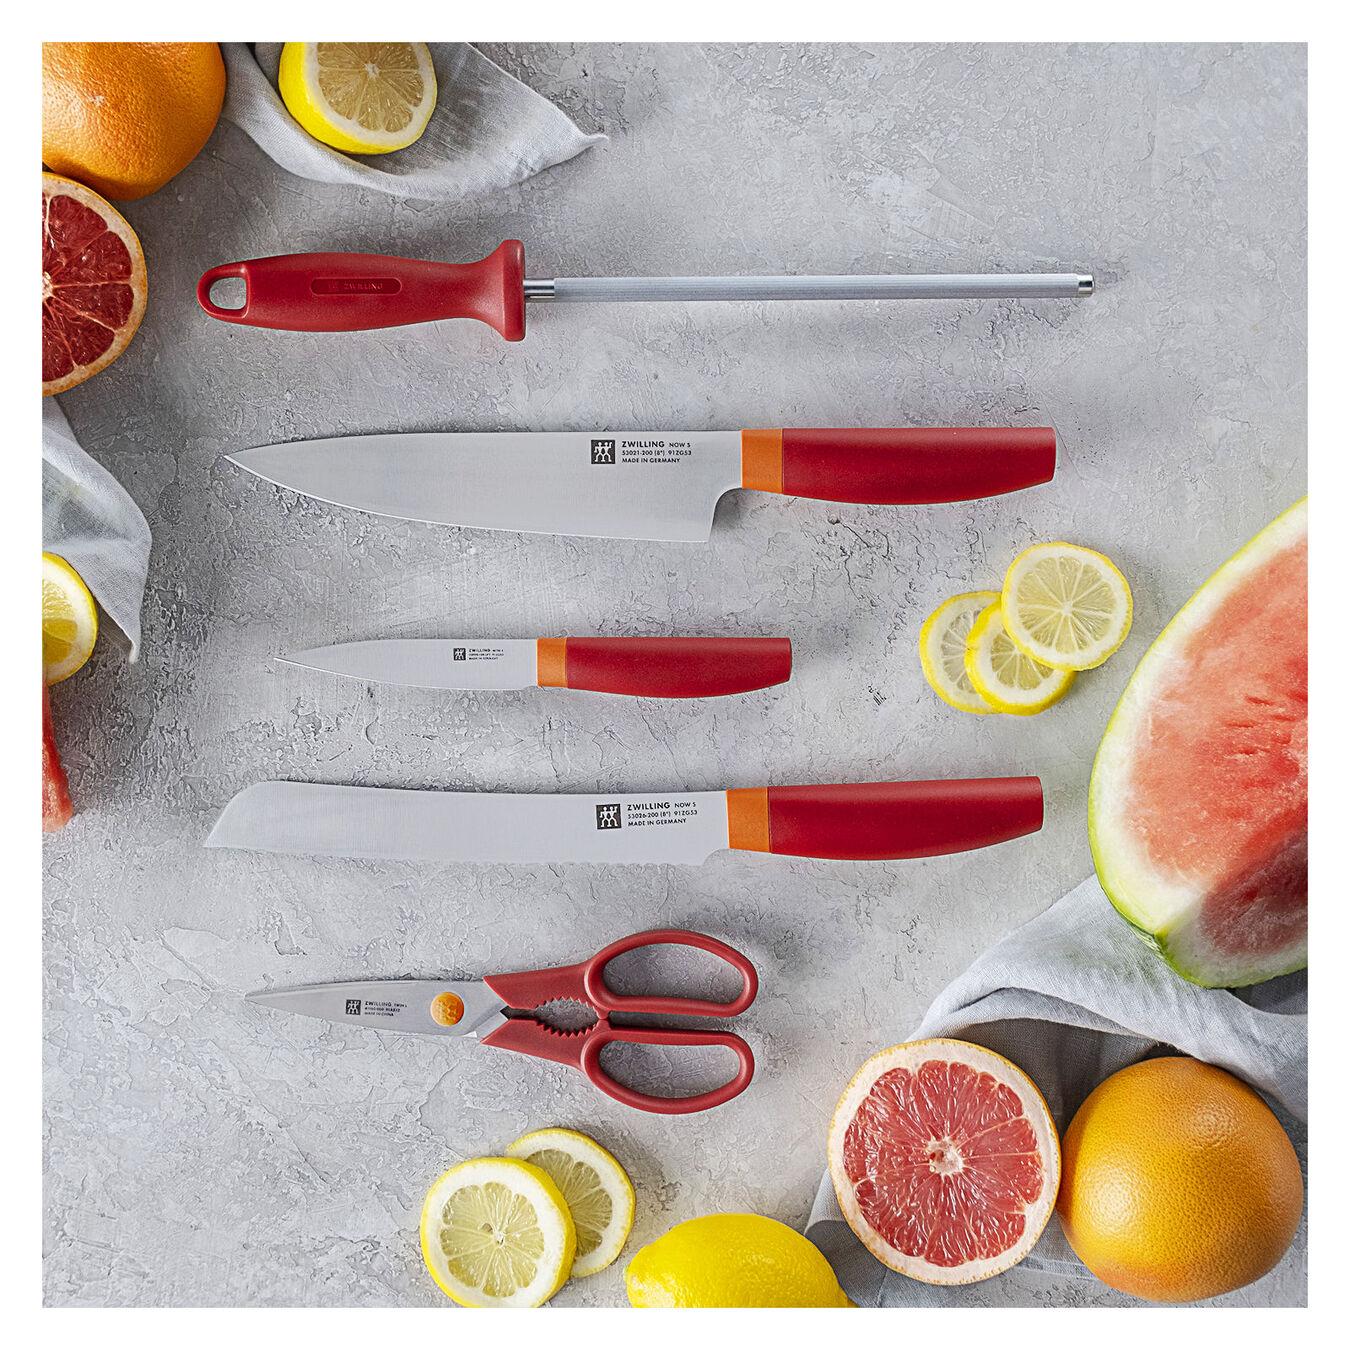 8-pc Knife Block Set - Grenada Orange,,large 4